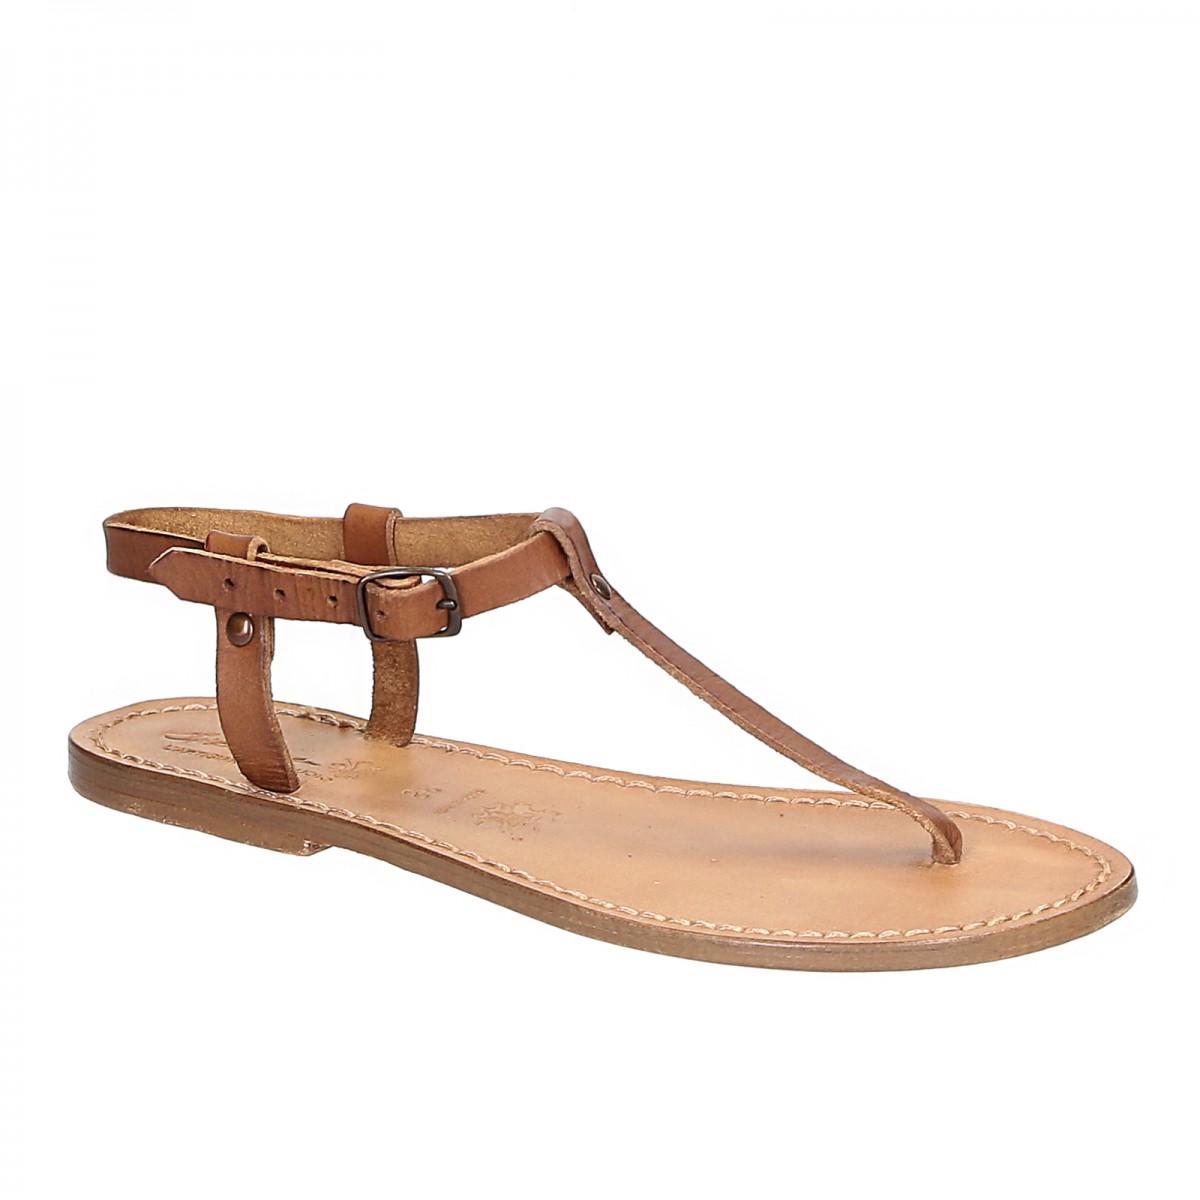 6350e760c0 Sandali infradito fatti a mano in pelle colore cuoio